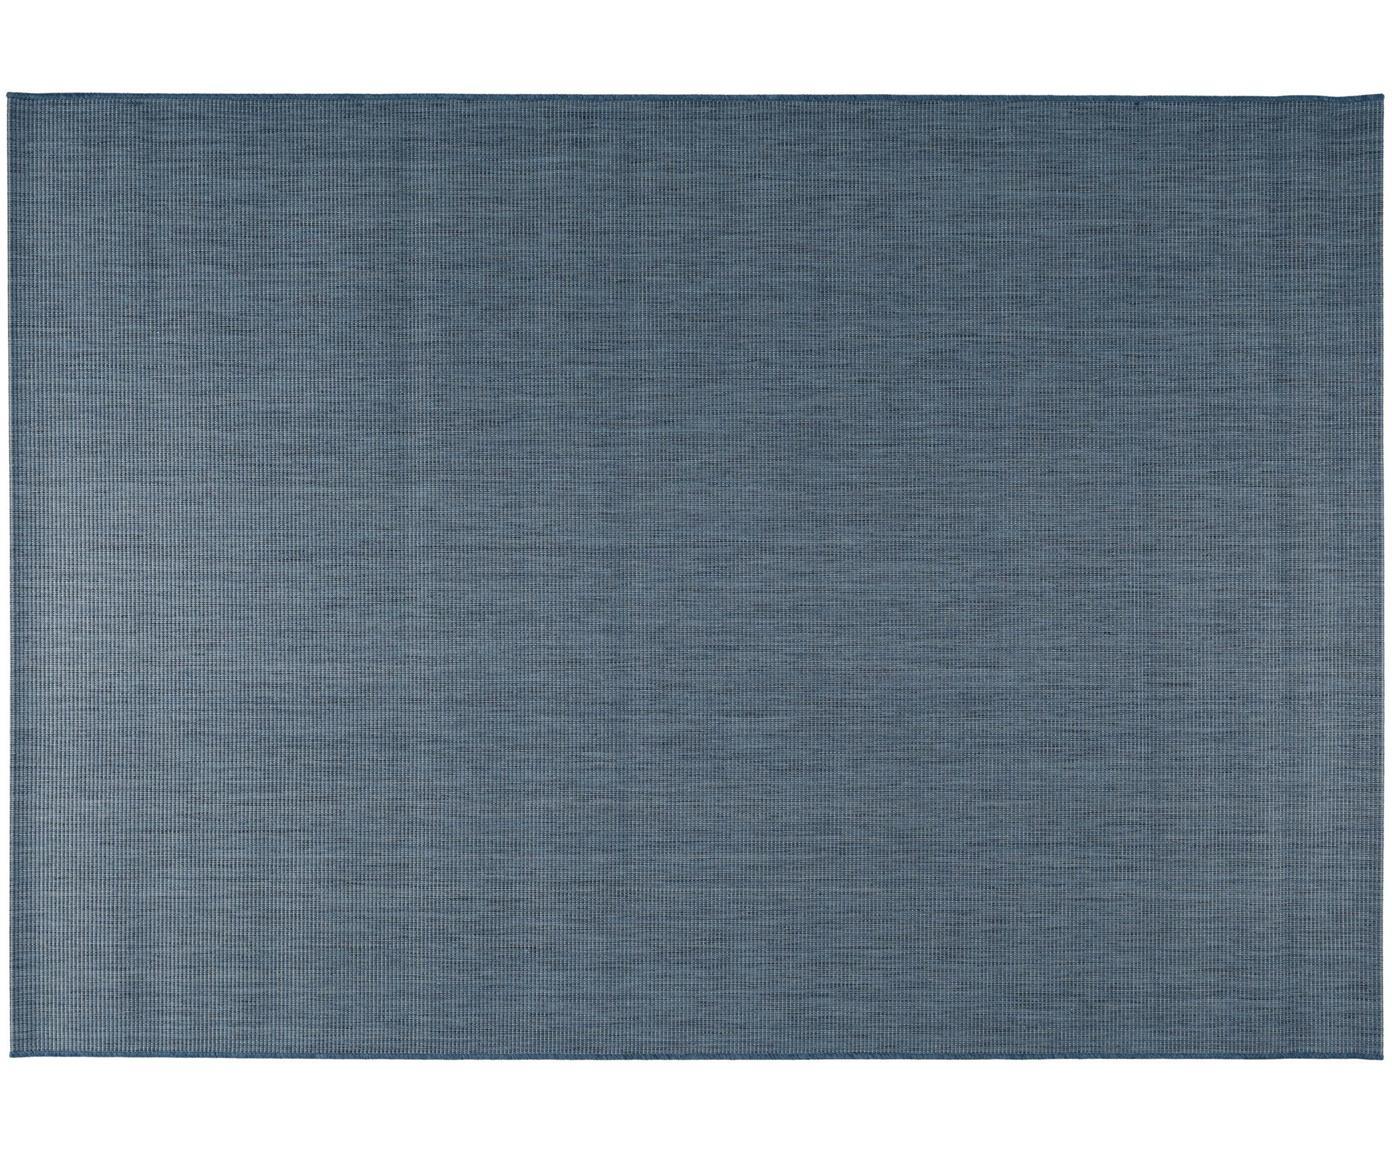 Tappeto da interno-esterno Metro, Polipropilene, Blu, Larg. 120 x Lung. 170 cm (taglia S)